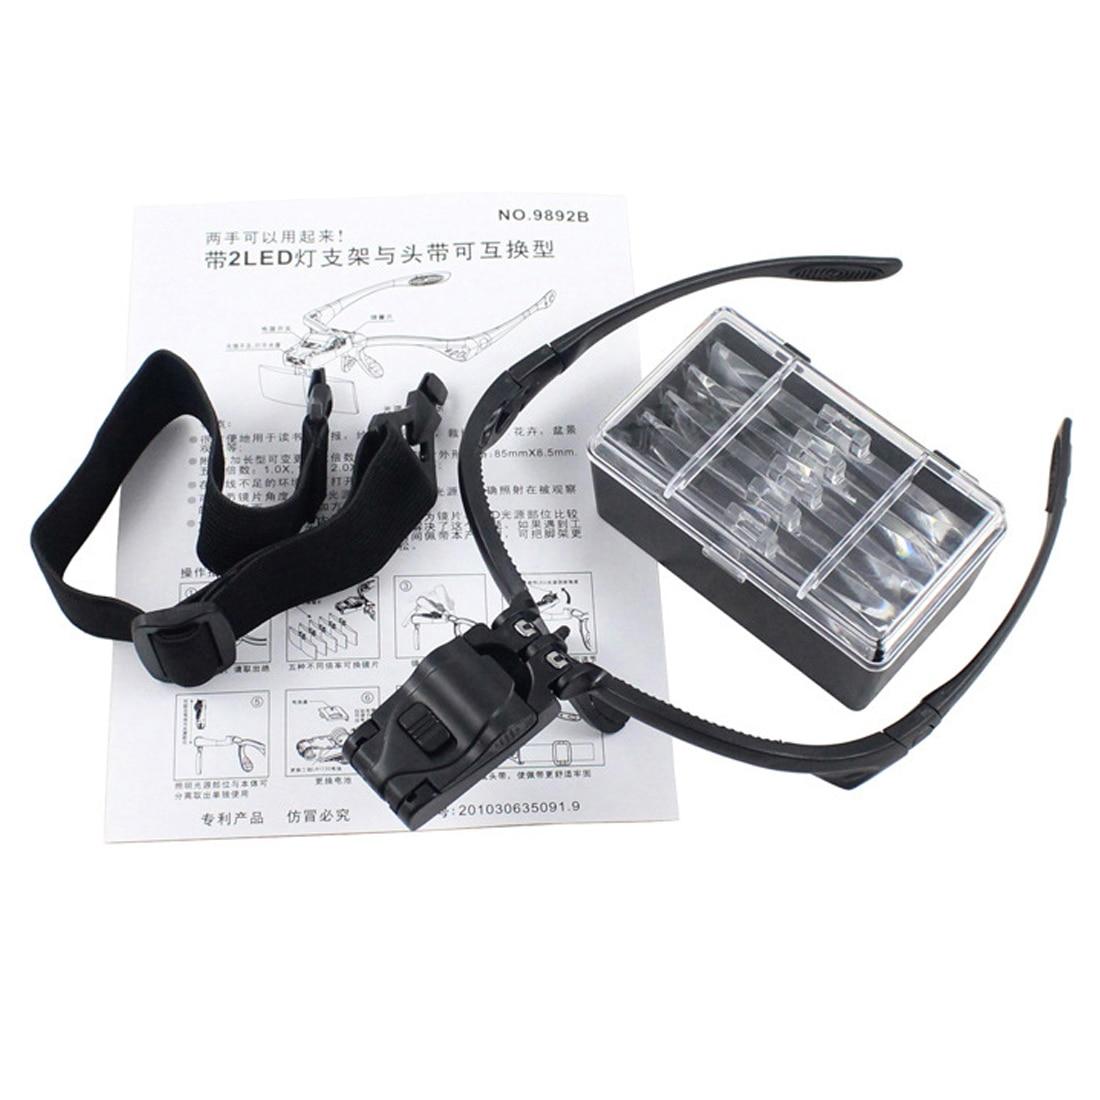 Hohe 1 stücke Stirnband Lupe Augen Reparatur Lupe 2 LED-Licht 1,0/1,5/2,0/2,5/3,5X5 STÜCK Glas-lupe Optische Linse